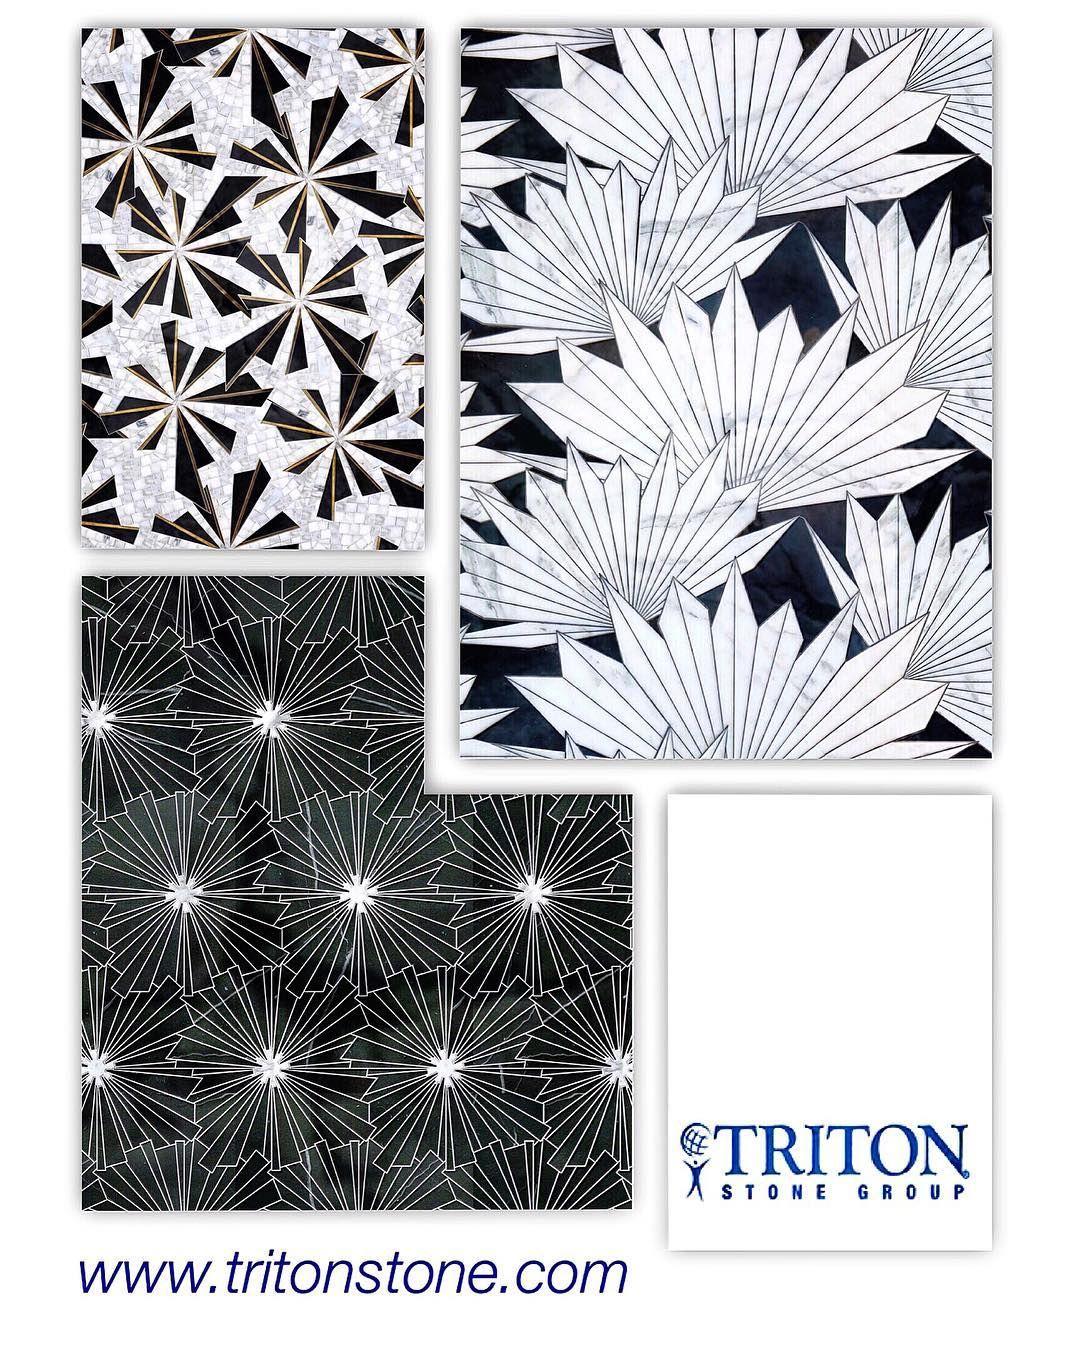 Artistic Tiles So Pretty Triton Stone Your Kitchen And Bath Resource Center